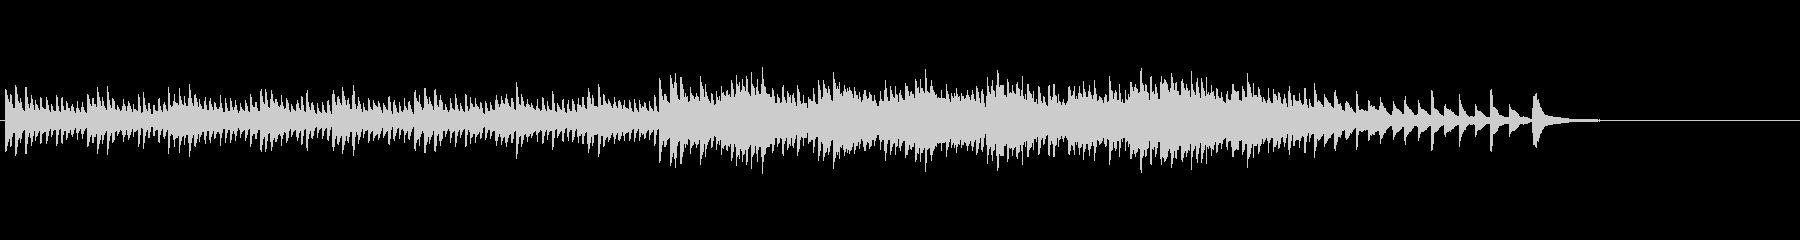 ピアノの幻想的なバラードの未再生の波形